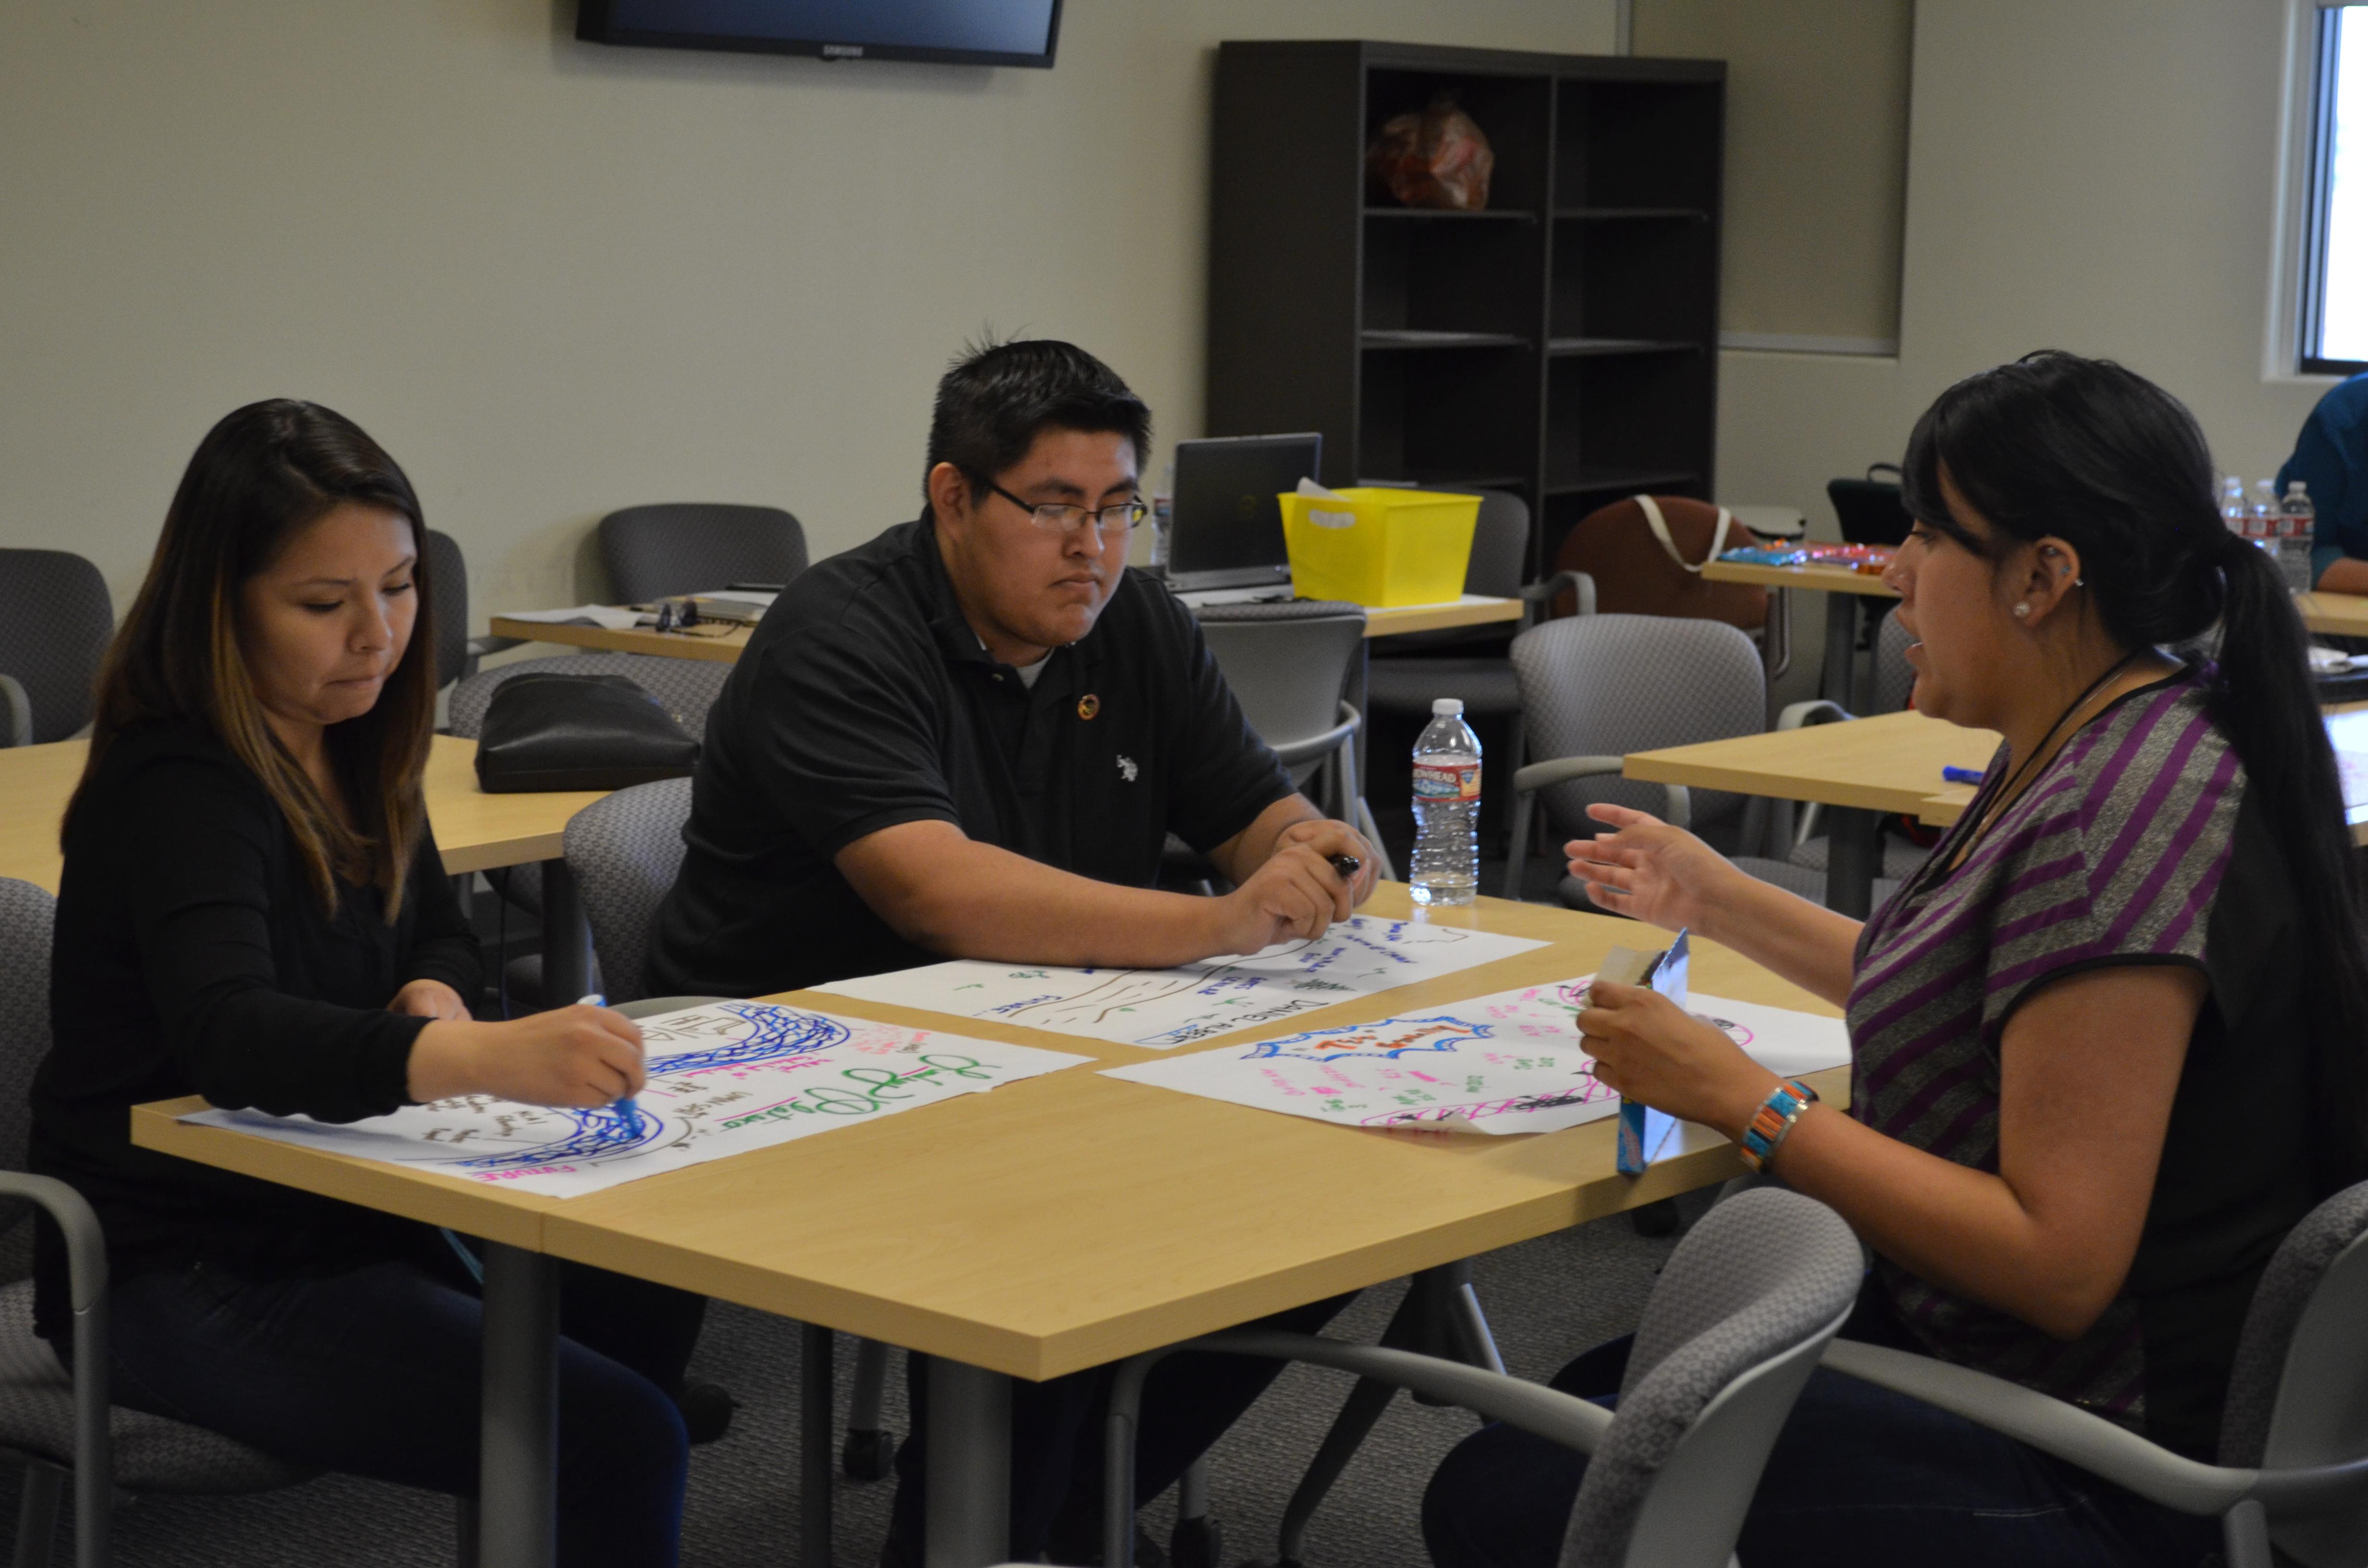 Étudiants travaillant à table.